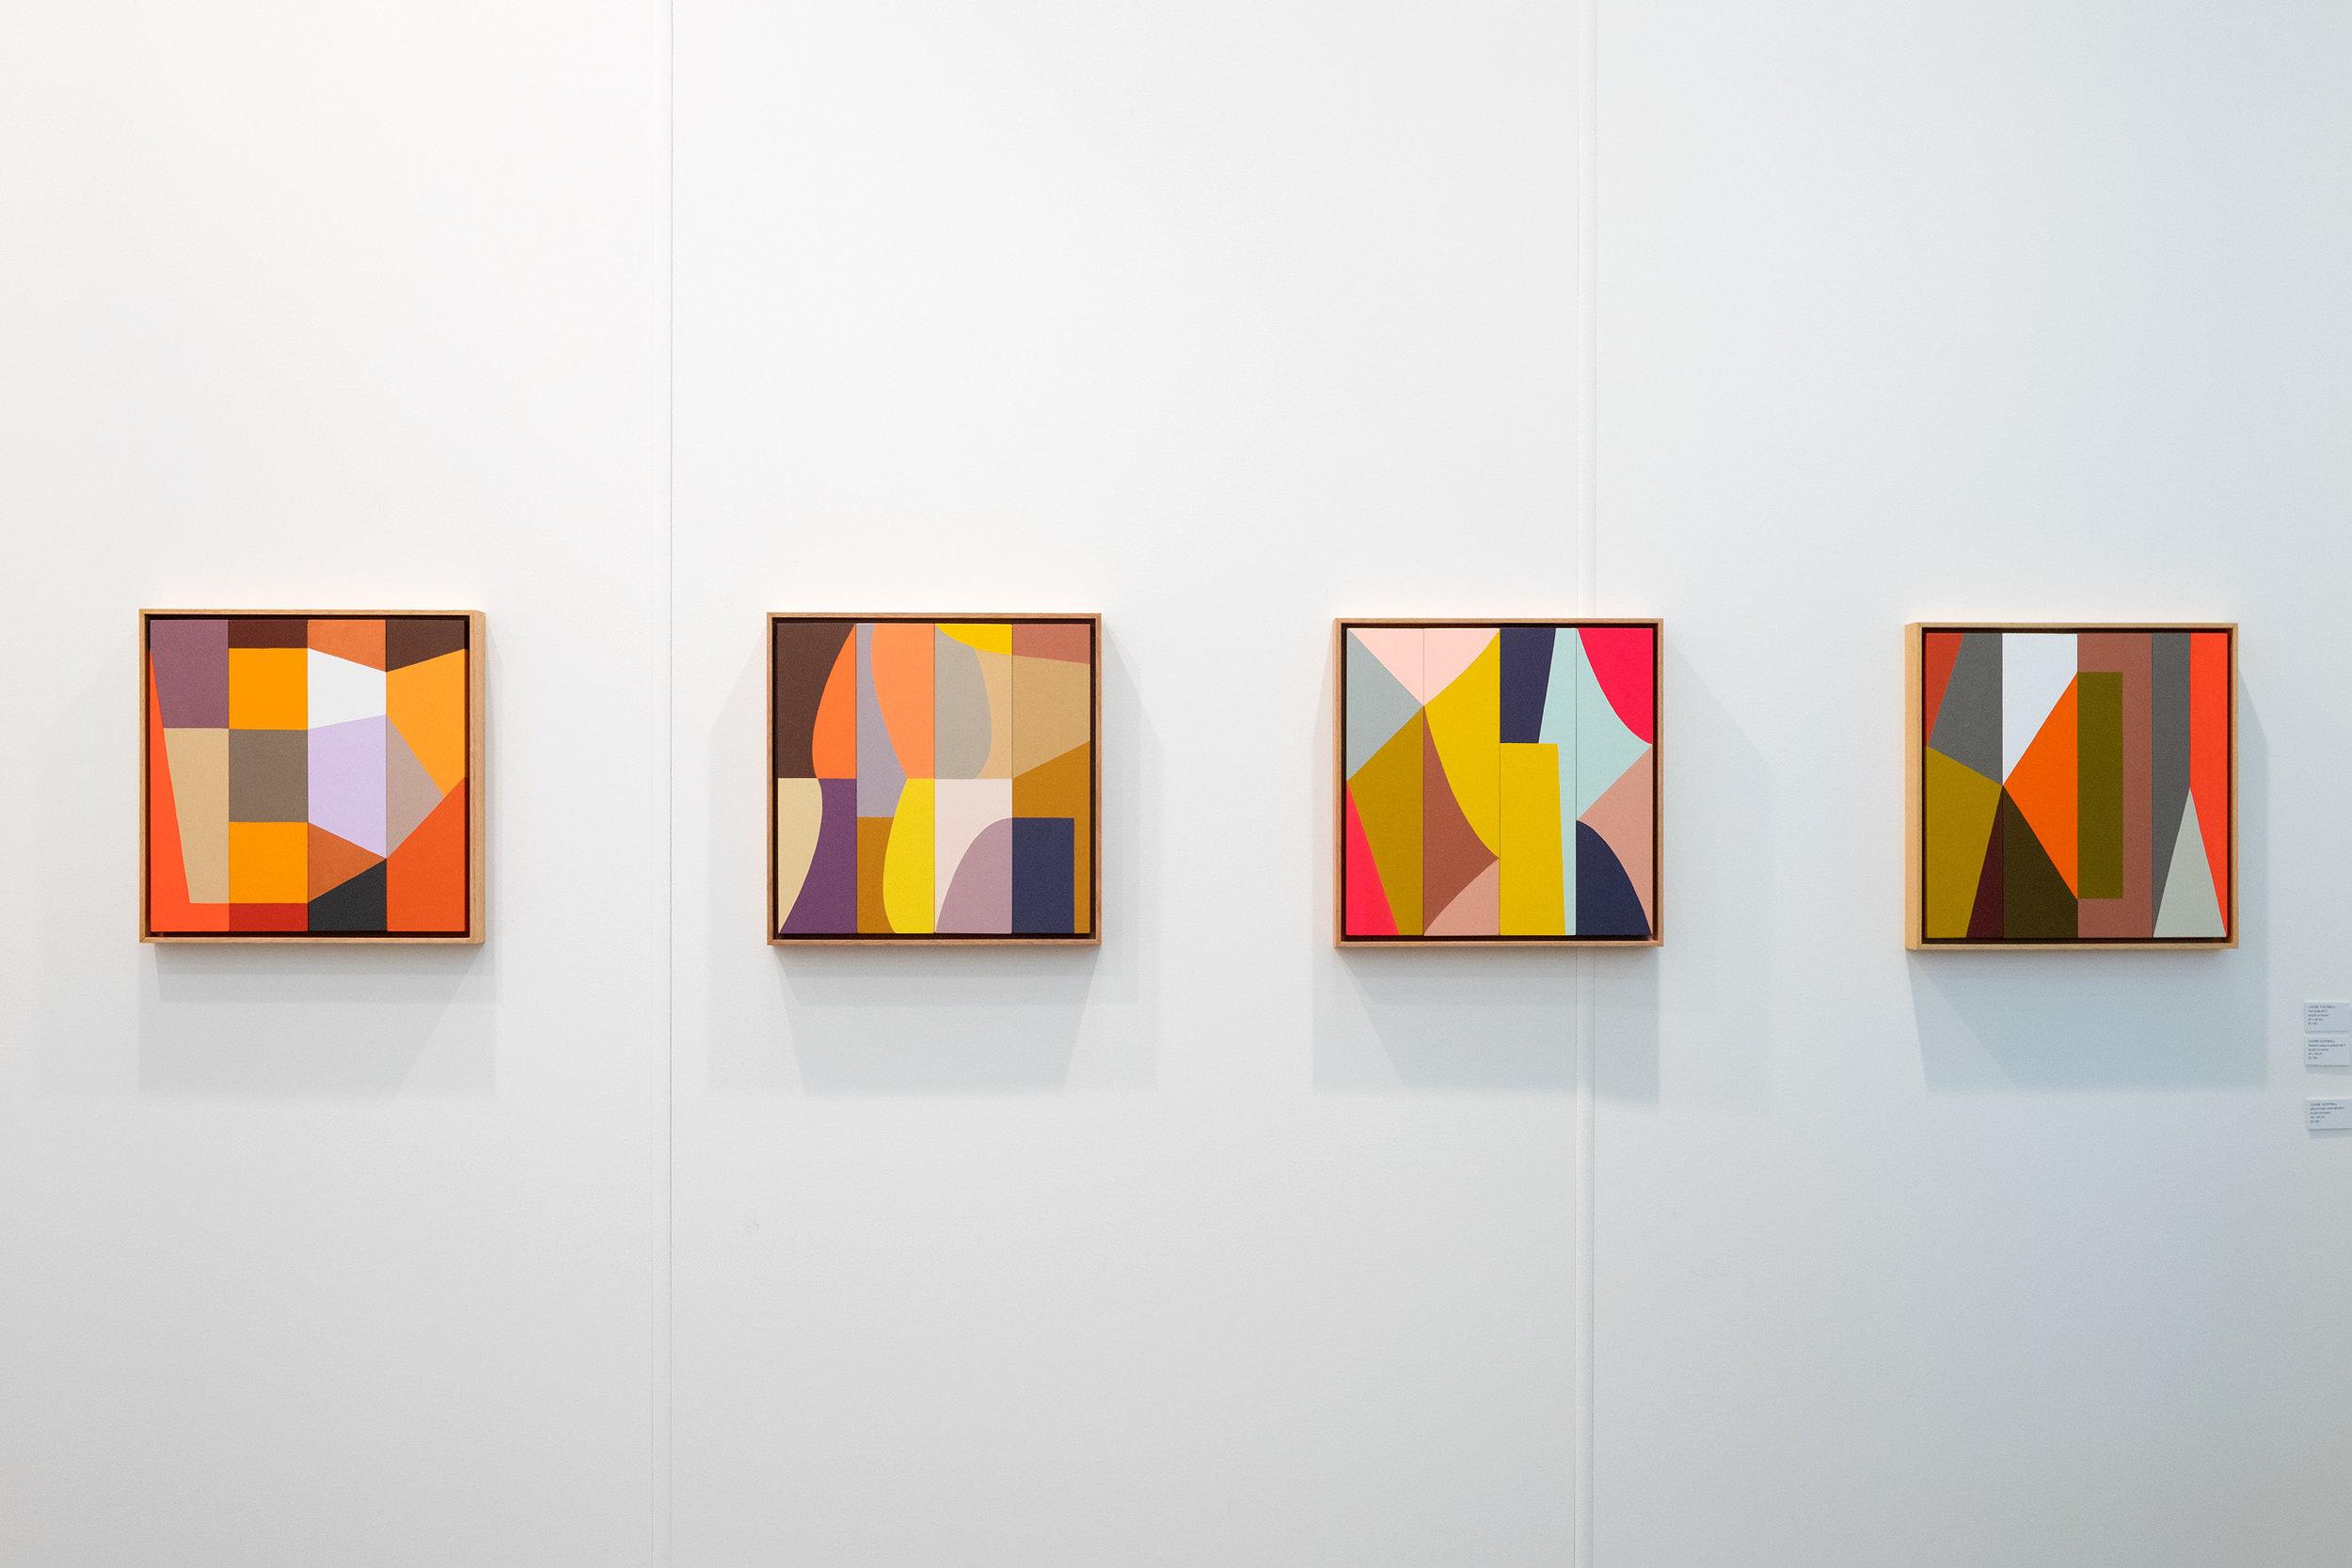 170906 Gallery 9_002.jpg